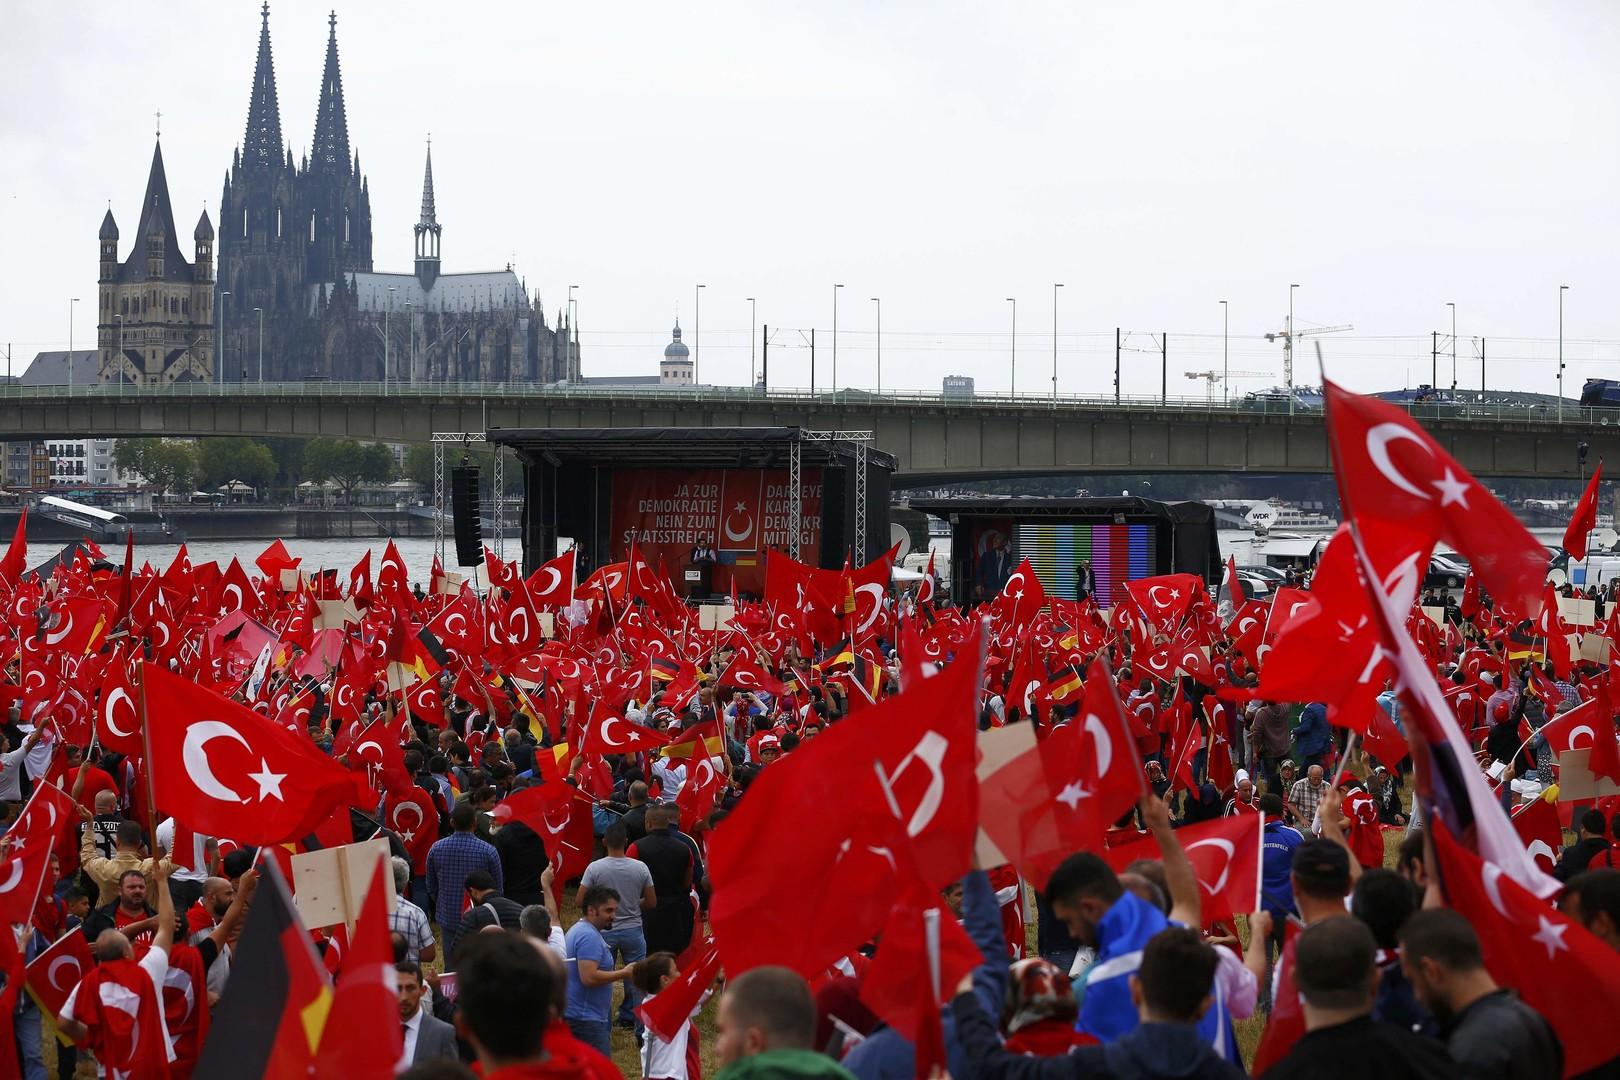 Кёльн за Эрдогана: десятки тысяч человек вышли на митинг в поддержку Турции